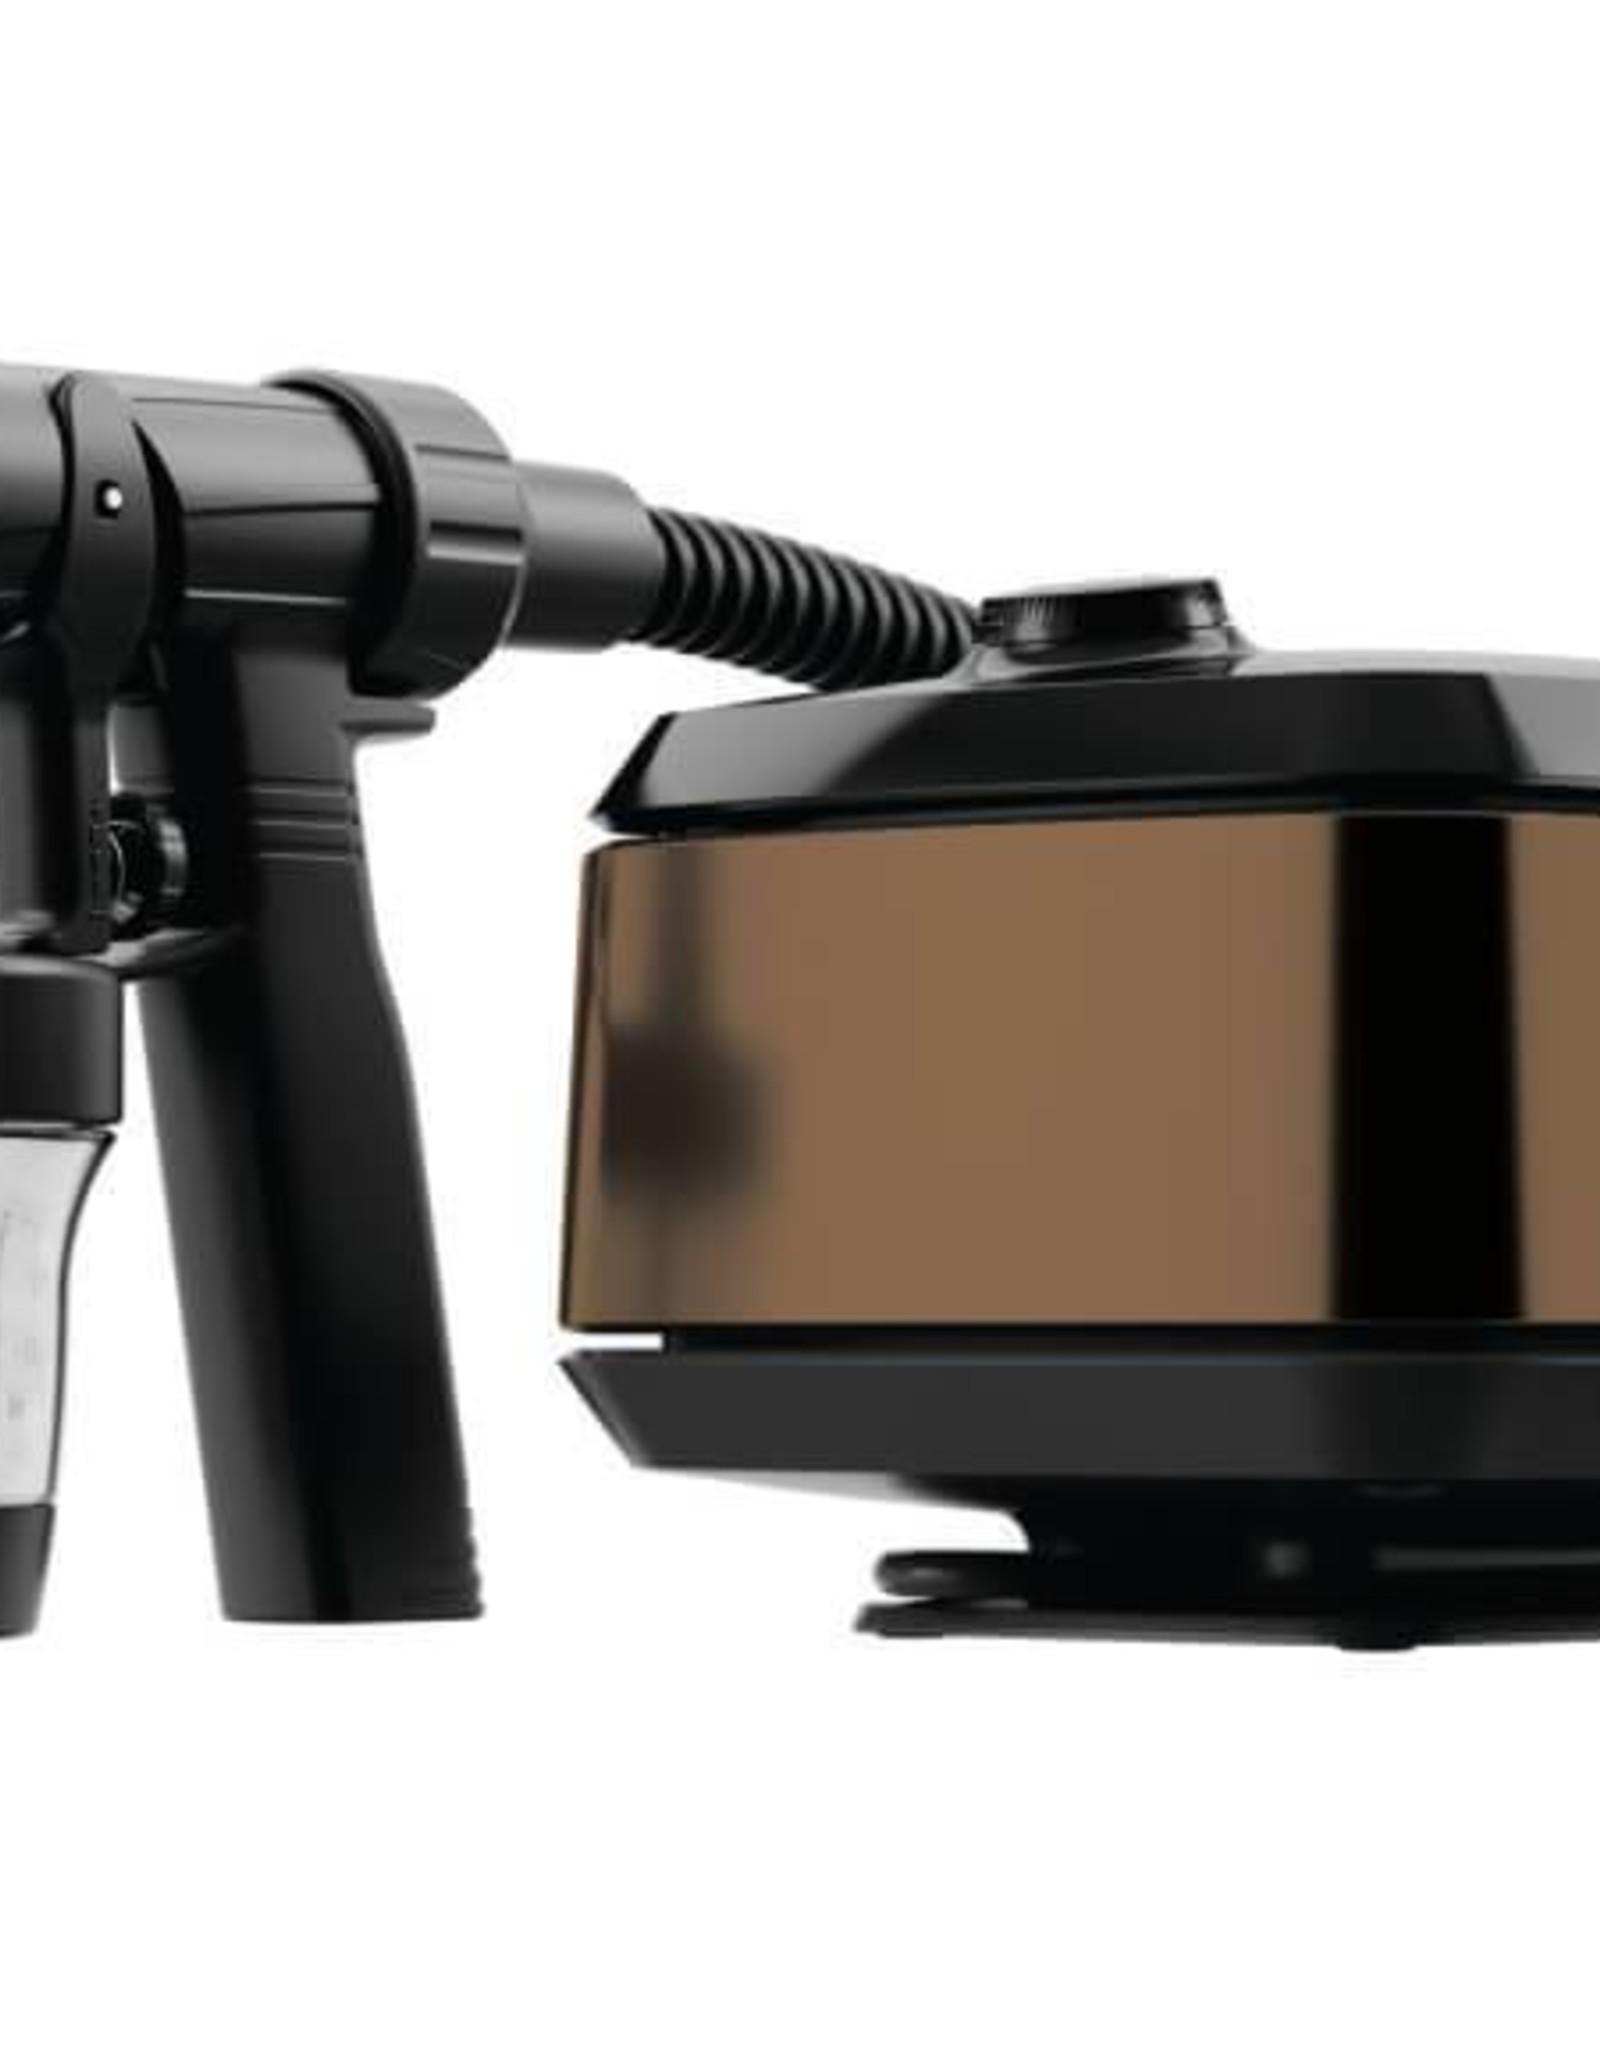 MaxiMist Starterspakket Aura Allure - Spray Tan